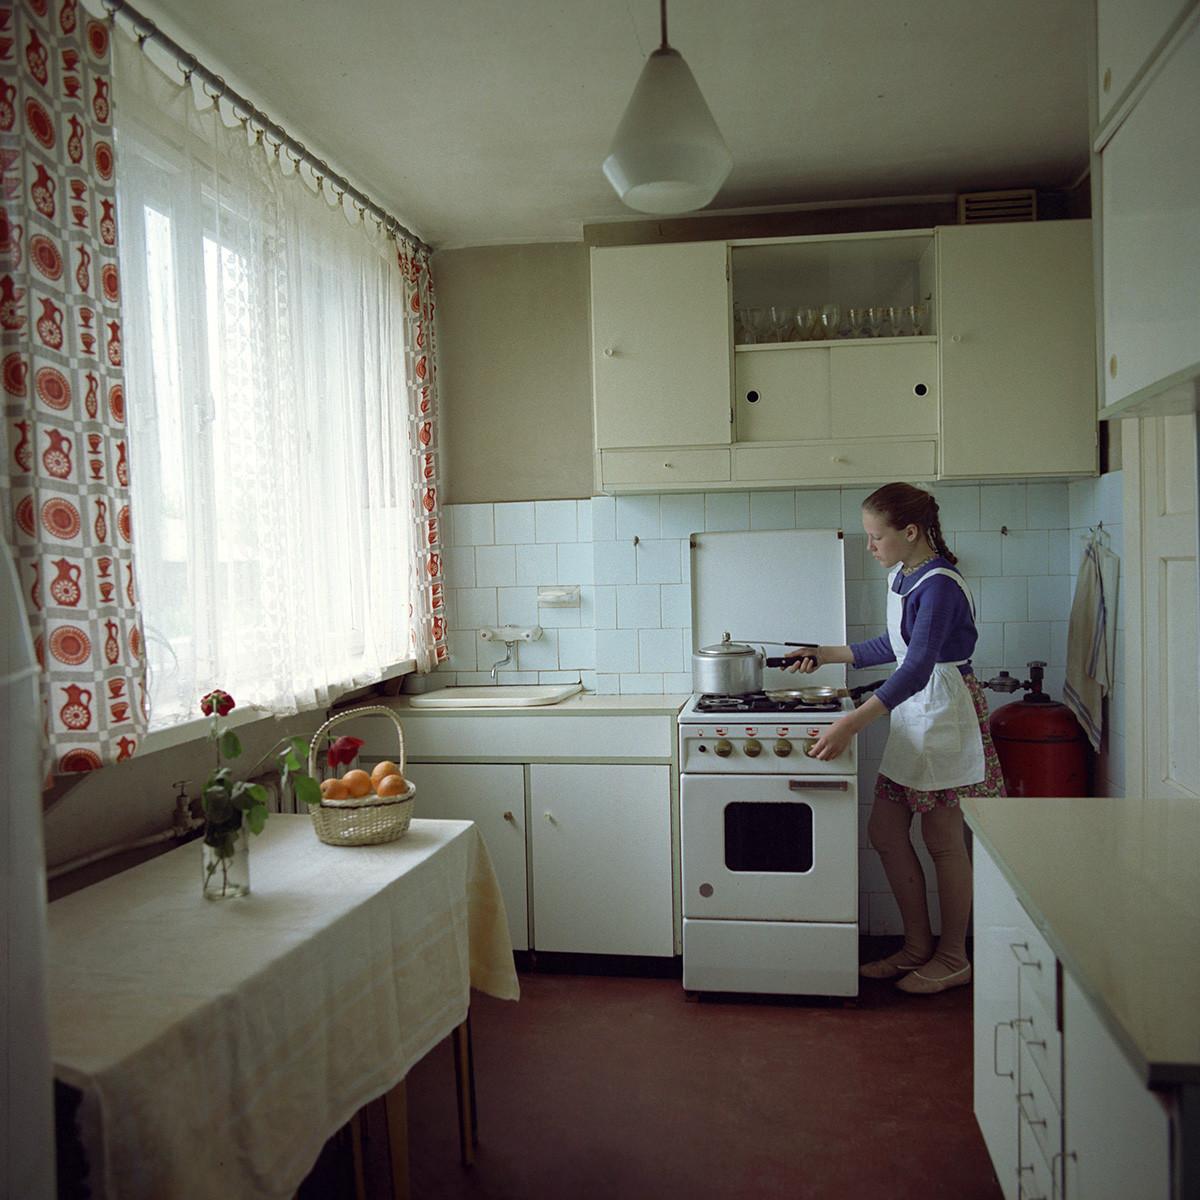 Cozinha na Riga soviética, 1974